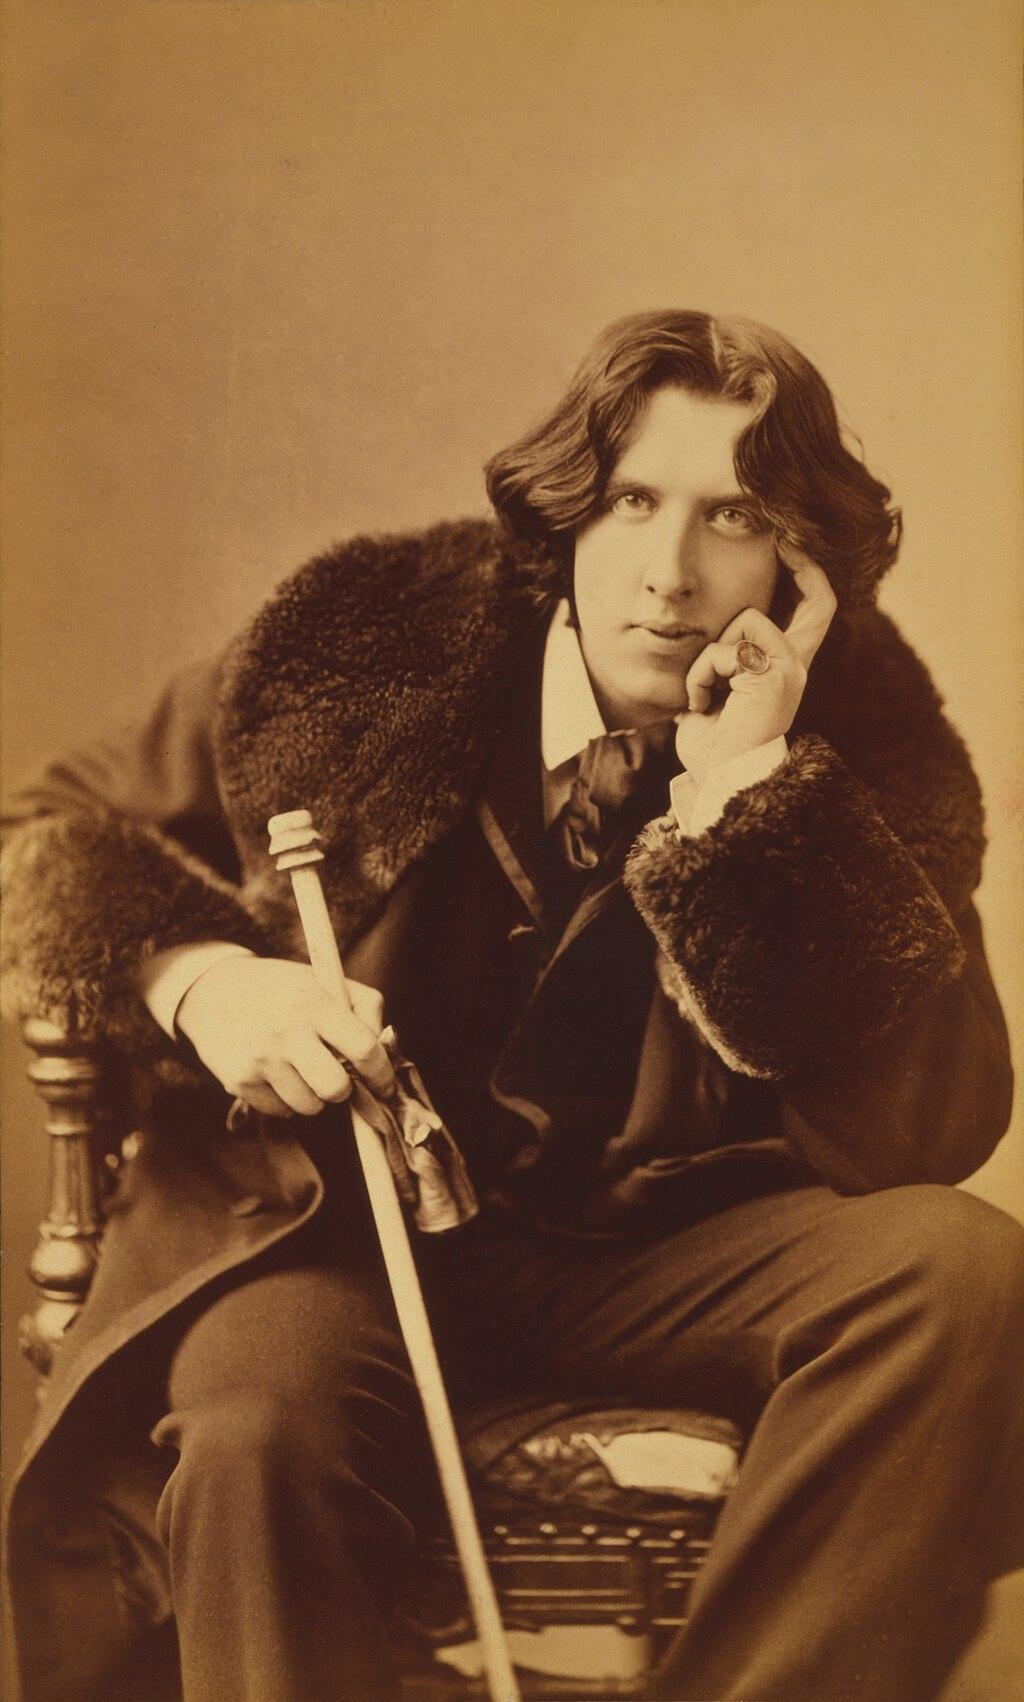 Oscar Wilde portrait by Napoleon Sarony - albumen